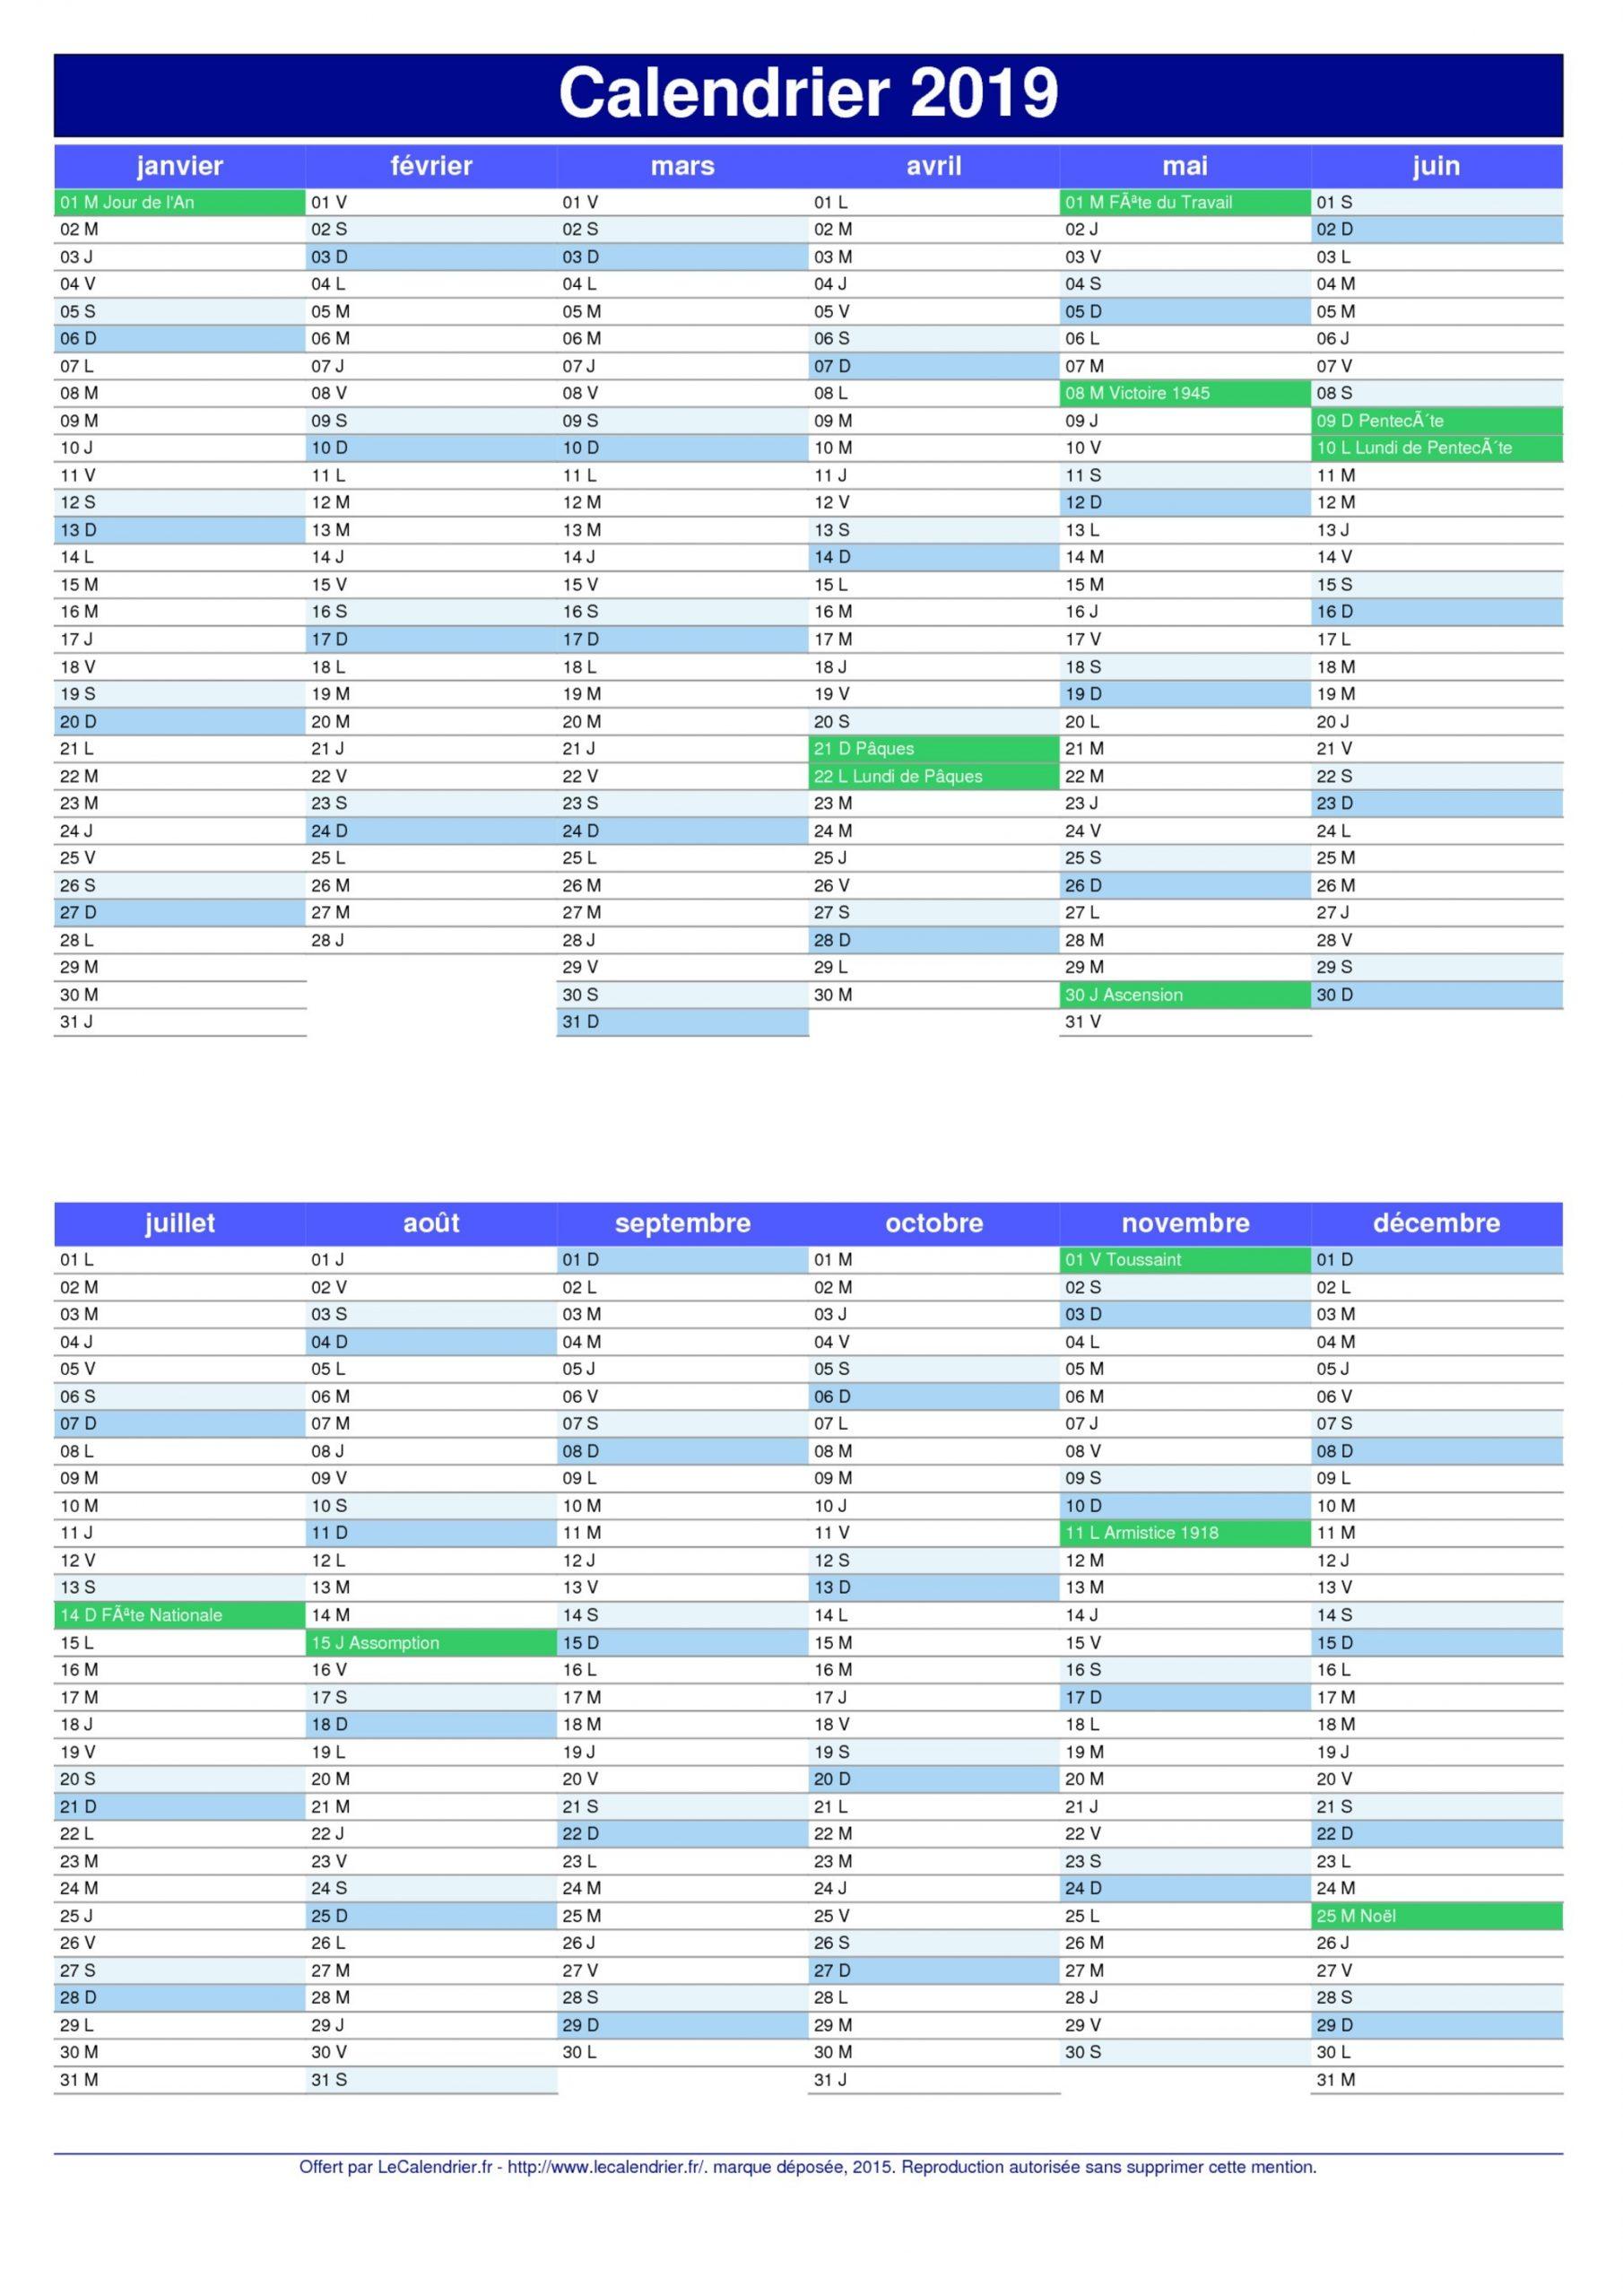 Calendrier 2019 Vacances Scolaires | 2019 Calendrier 2018 pour Calendrier 2019 Avec Jours Fériés Vacances Scolaires